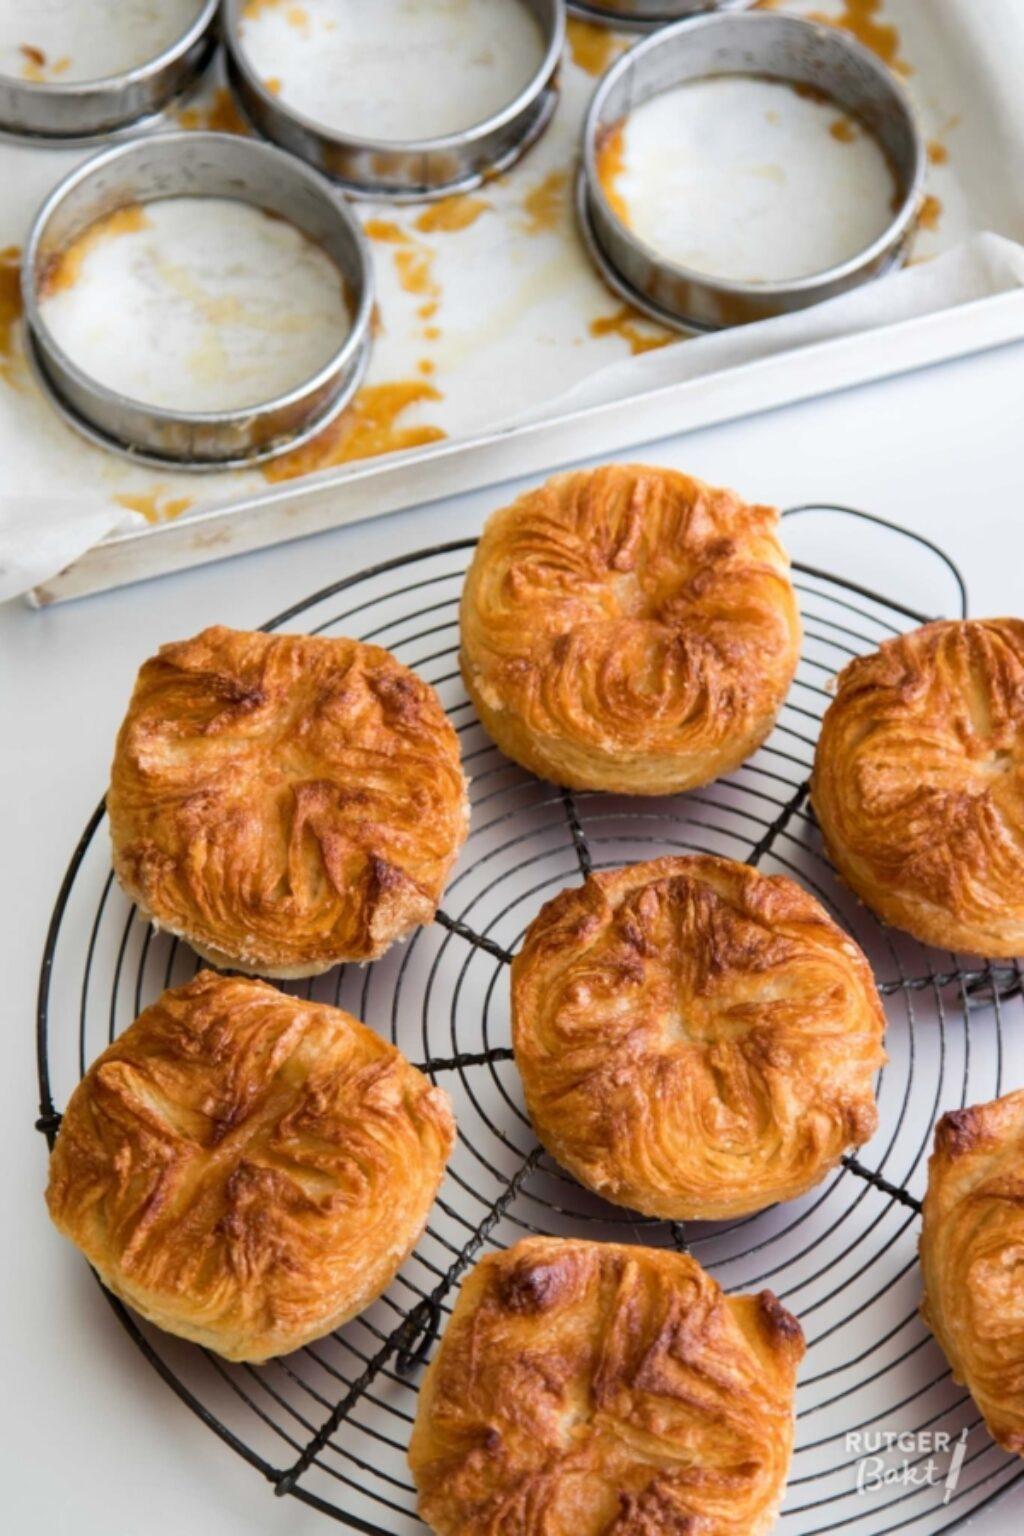 Rutger bakt wat jij wilt: Kouign amann